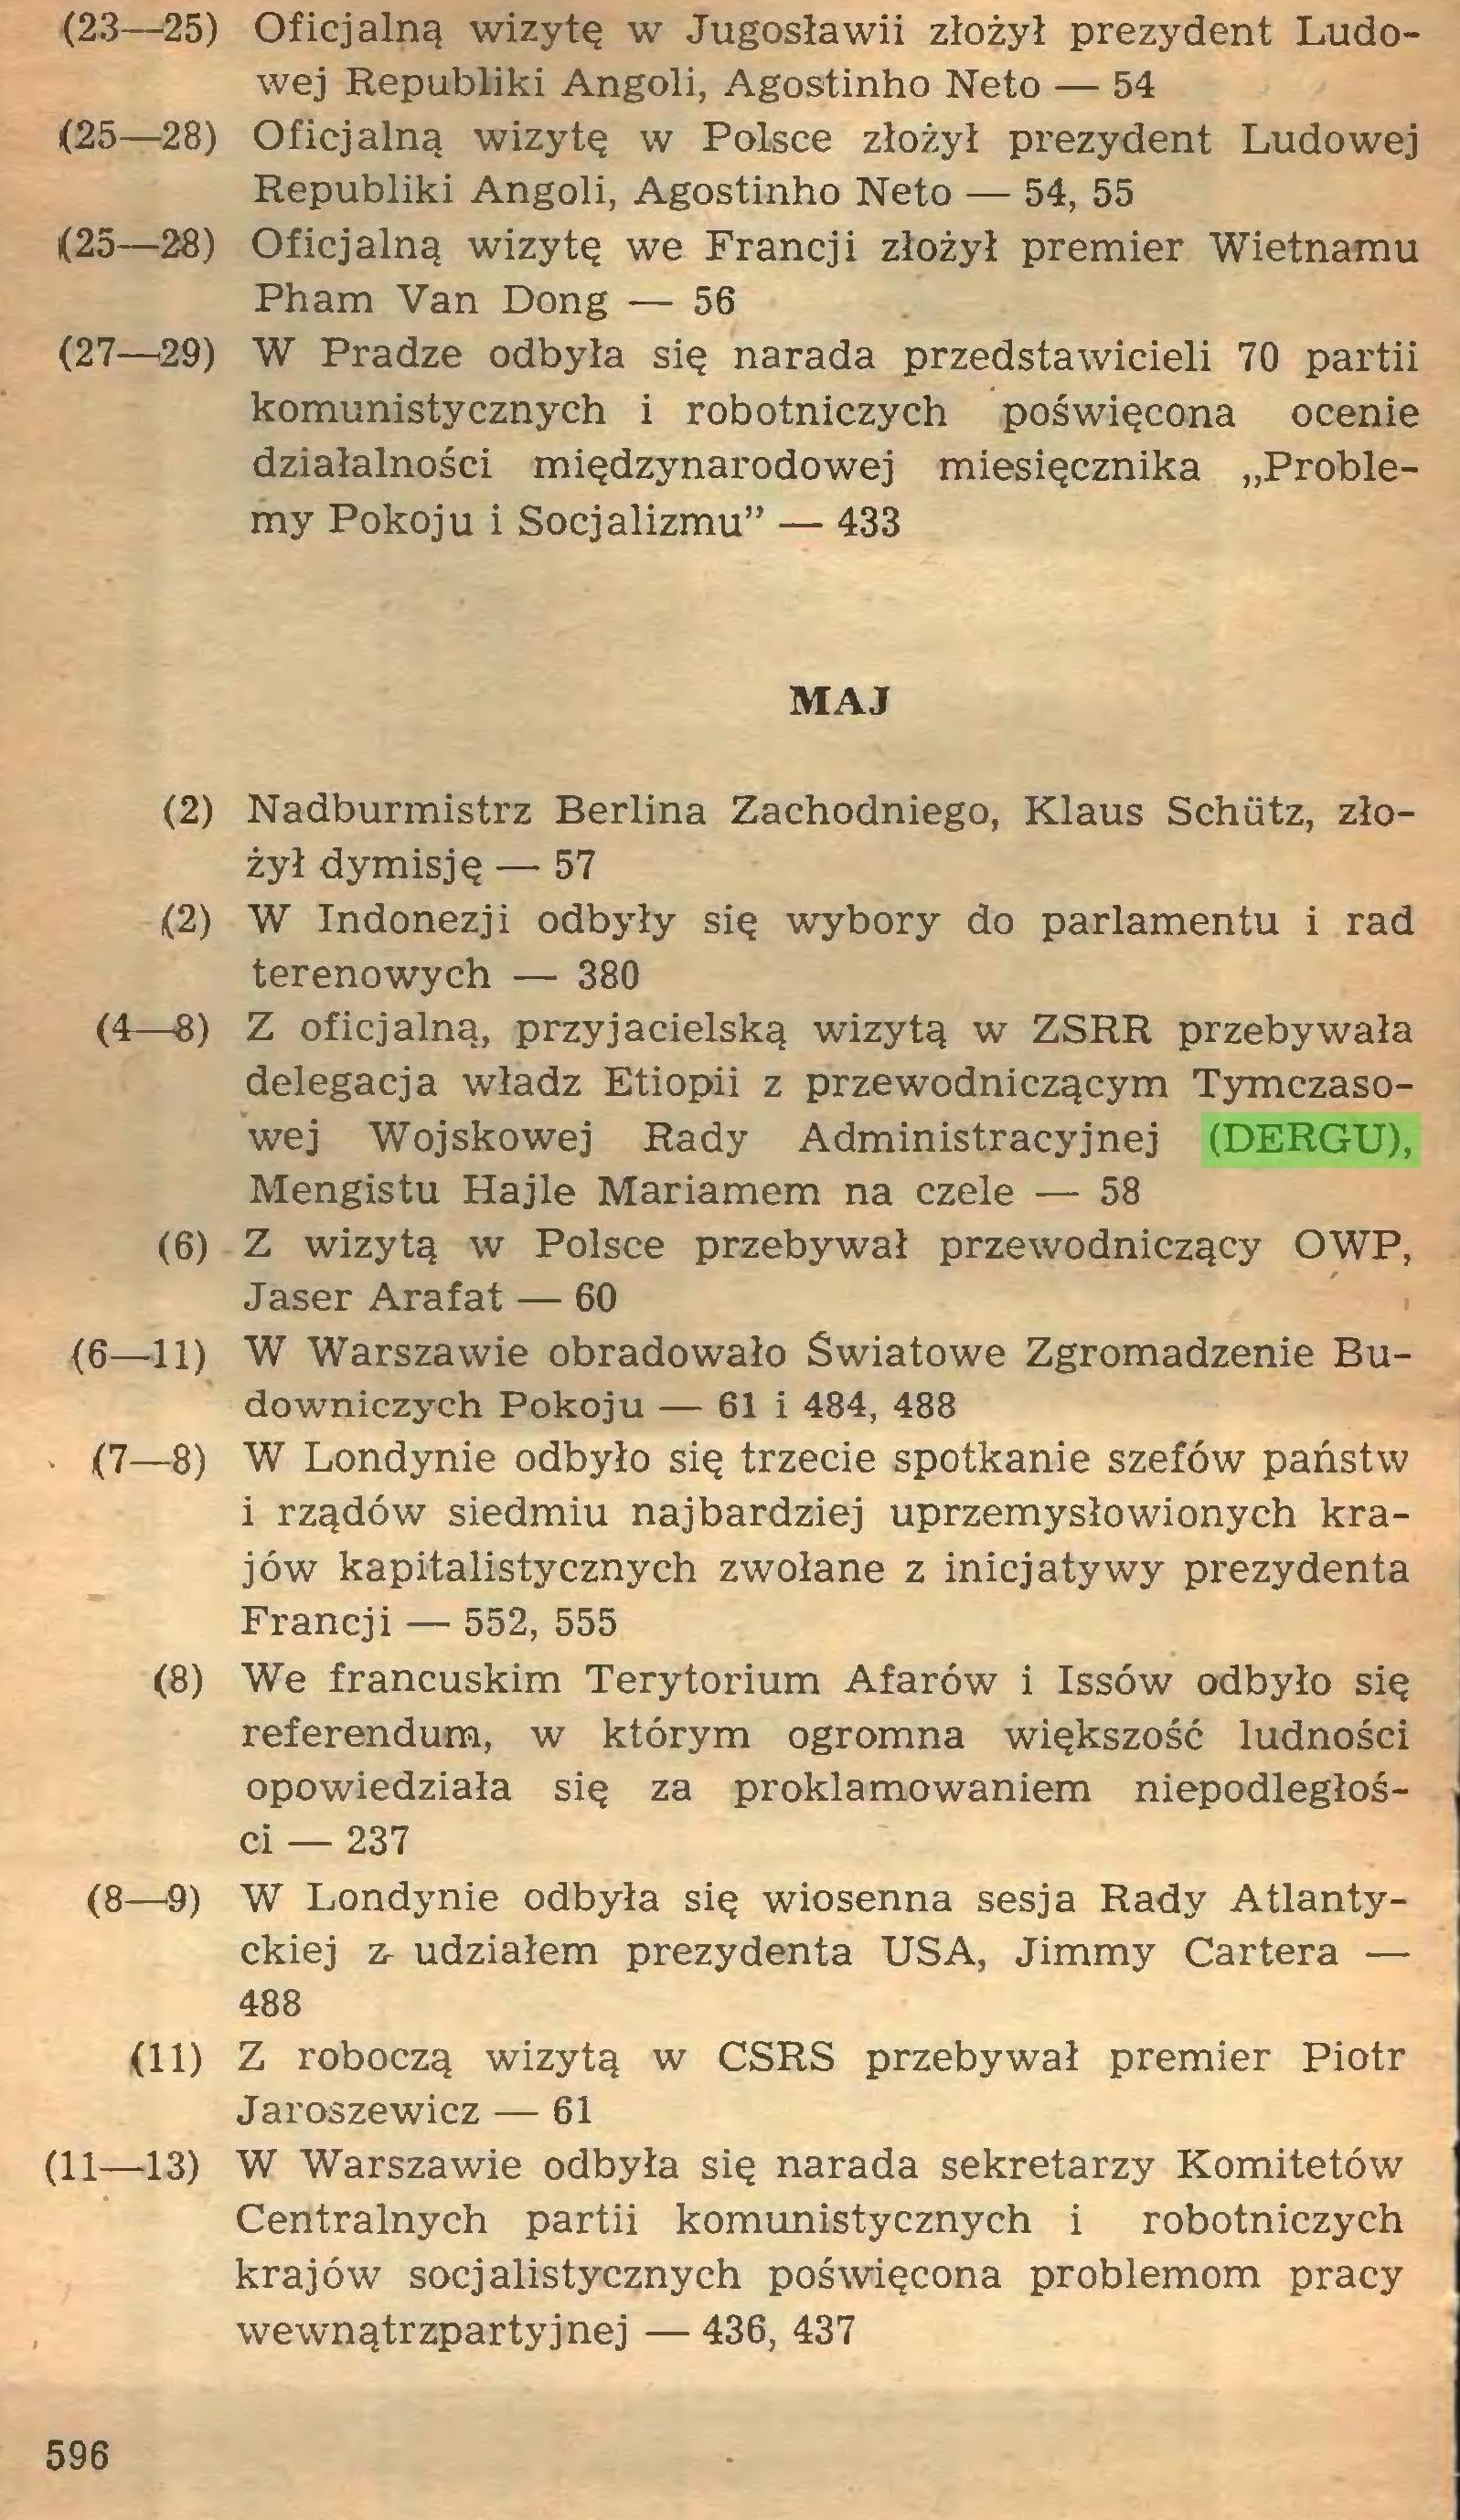 (...) (2) Nadburmistrz Berlina Zachodniego, Klaus Schiitz, złożył dymisję — 57 (2) W Indonezji odbyły się wybory do parlamentu i rad terenowych — 380 (4—8) Z oficjalną, przyjacielską wizytą w ZSRR przebywała delegacja władz Etiopii z przewodniczącym Tymczasowej Wojskowej Rady Administracyjnej (DERGU), Mengistu Hajle Mariamem na czele — 58 (6) Z wizytą w Polsce przebywał przewodniczący OWP, Jaser Arafat — 60 (6—11) W Warszawie obradowało Światowe Zgromadzenie Budowniczych Pokoju — 61 i 484, 488 ' (7—8) W Londynie odbyło się trzecie spotkanie szefów państw i rządów siedmiu najbardziej uprzemysłowionych krajów kapitalistycznych zwołane z inicjatywy prezydenta Francji — 552, 555 (8) We francuskim Terytorium Afarów i Issów odbyło się referendum, w którym ogromna większość ludności opowiedziała się za proklamowaniem niepodległości — 237 (8—9) W Londynie odbyła się wiosenna sesja Rady Atlantyckiej 7r udziałem prezydenta USA, Jimmy Cartera — 488 (11) Z roboczą wizytą w CSRS przebywał premier Piotr Jaroszewicz — 61 (11—13) W Warszawie odbyła się narada sekretarzy Komitetów Centralnych partii komunistycznych i robotniczych krajów socjalistycznych poświęcona problemom pracy wewnątrzpartyjnej — 436, 437 596 (15) W Finlandii premier Kalevi Sorsa utworzył nowy rząd...